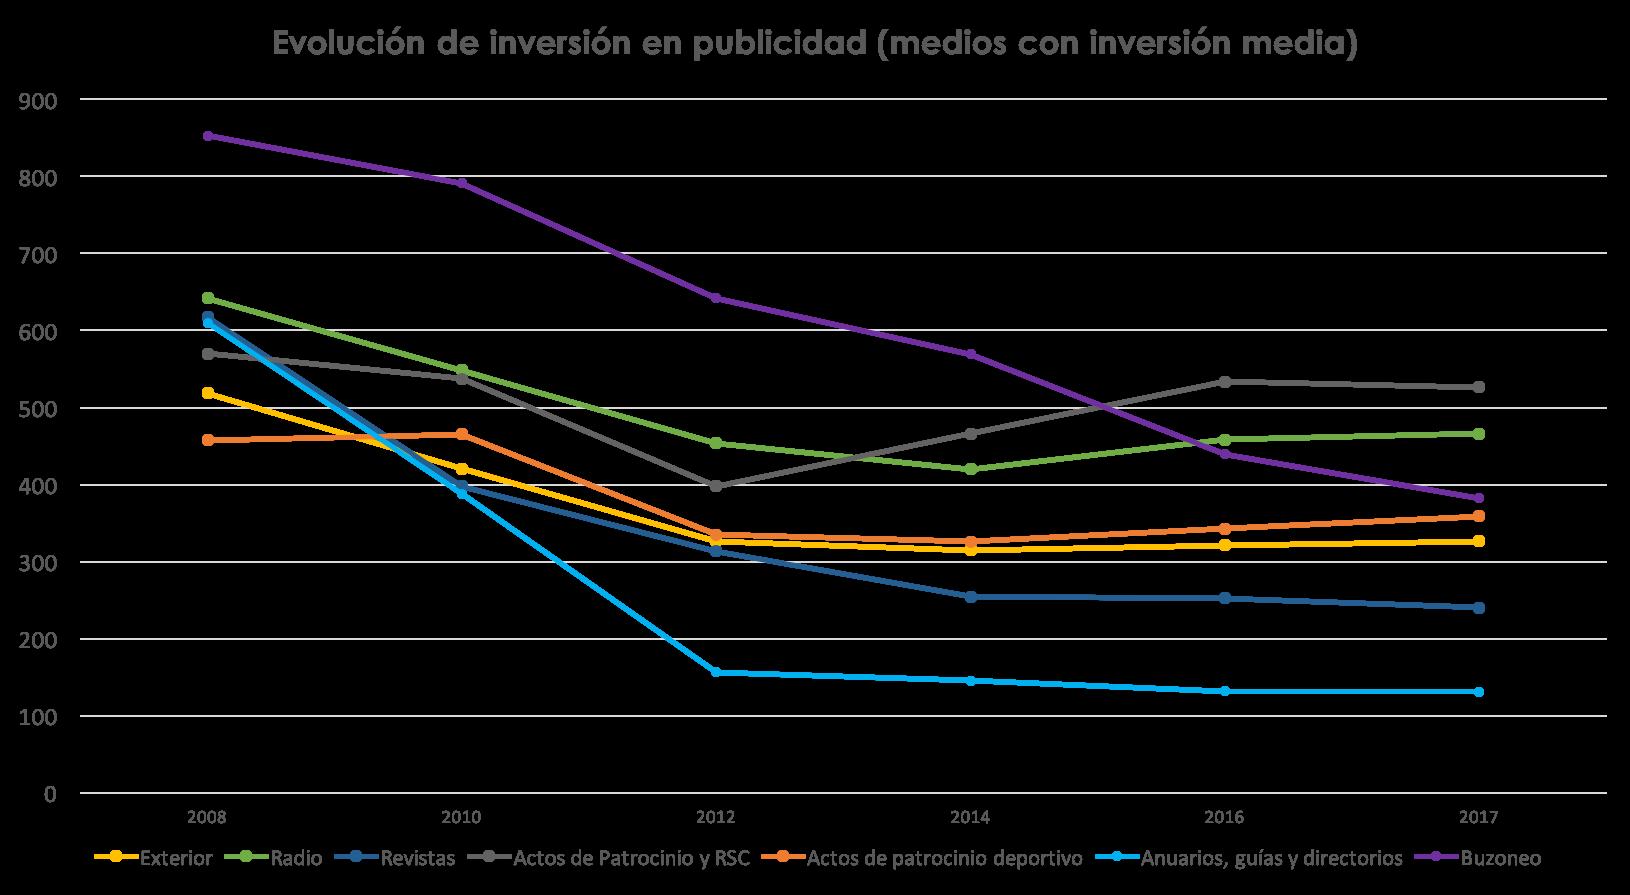 inversión publicitaria en medios menor a 1000